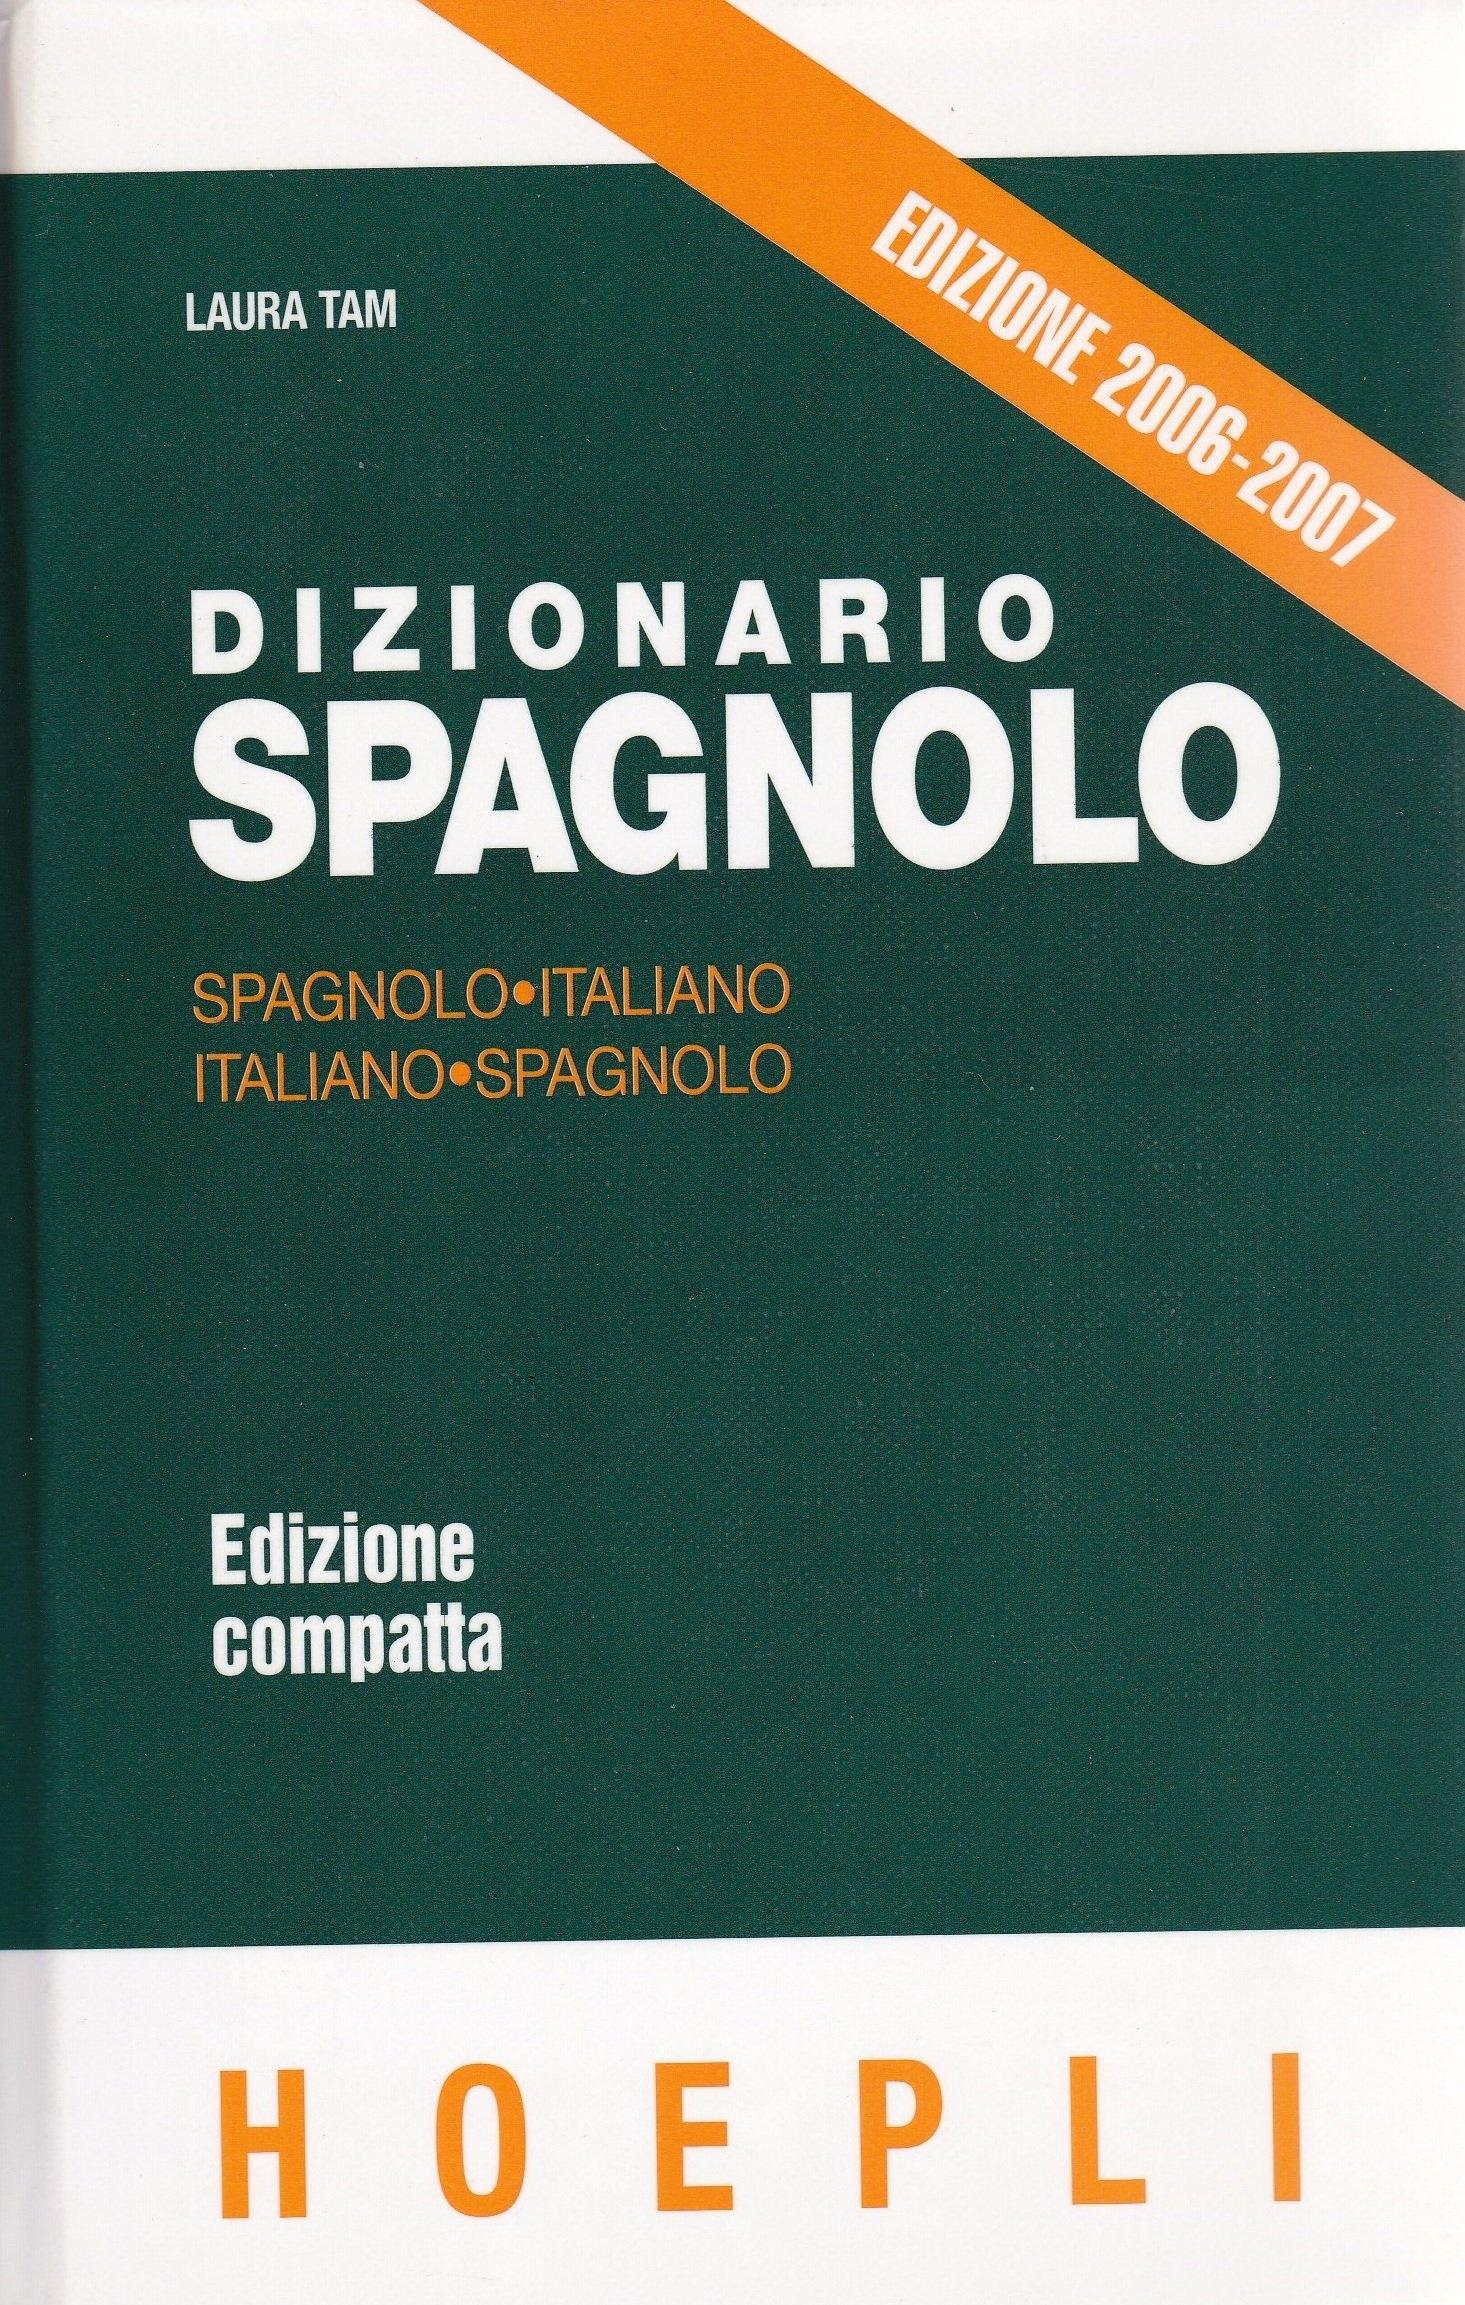 Dizionario spagnolo. Spagnolo-Italiano/Italiano-Spagnolo. Edizione compatta.